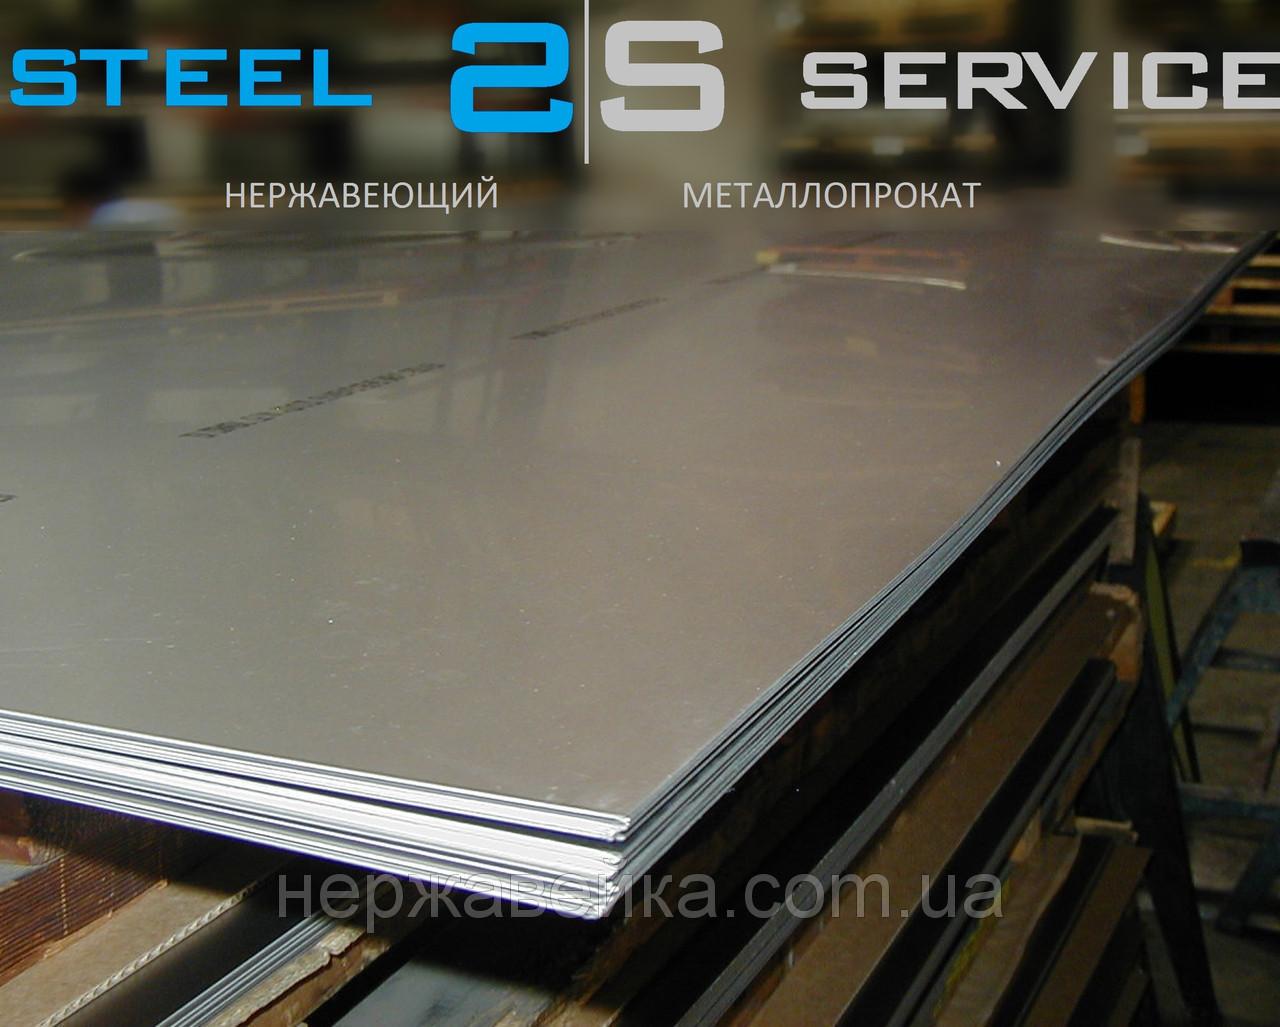 Нержавейка лист 10х1500х6000мм  AISI 310(20Х23Н18) F1 - горячекатанный,  жаропрочный